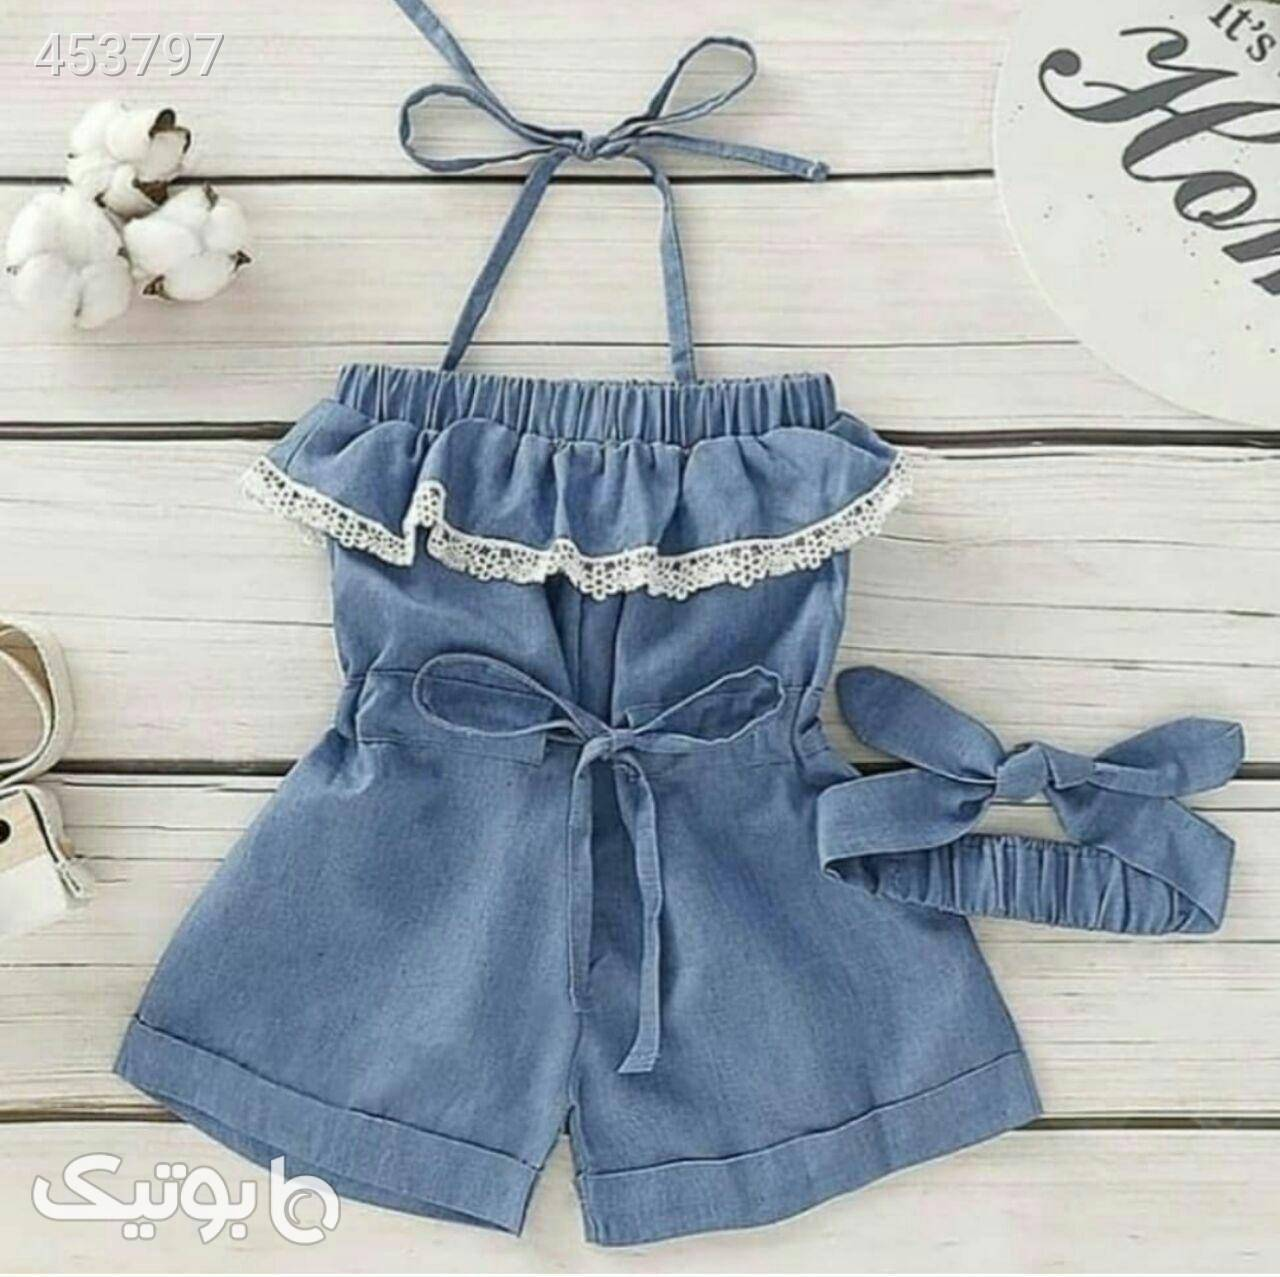 لباس دخترانه آبی از فروشگاه فروشگاه اینترنتی نصف جهان   بوتیک